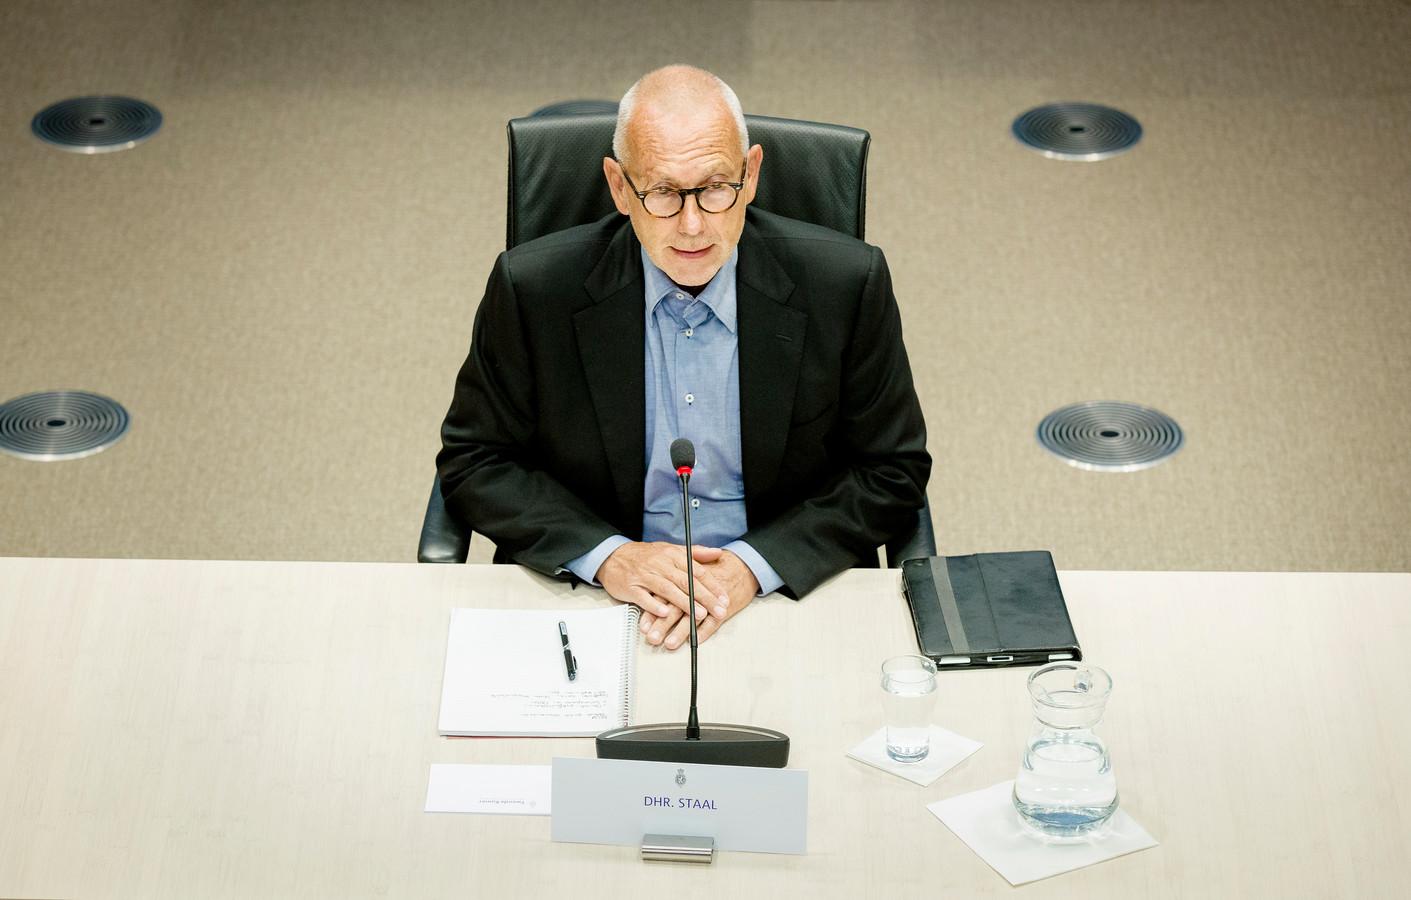 Erik Staal, voormalig topman bij Vestia, verscheen in 2014 voor de parlementaire enquêtecommissie Woningcorporaties. Vorig jaar werd hij ervan verdacht 2,2 miljoen euro te hebben weggesluisd uit een stichting die voor sociale huisvesting in Zuid-Afrika zou zorgen.